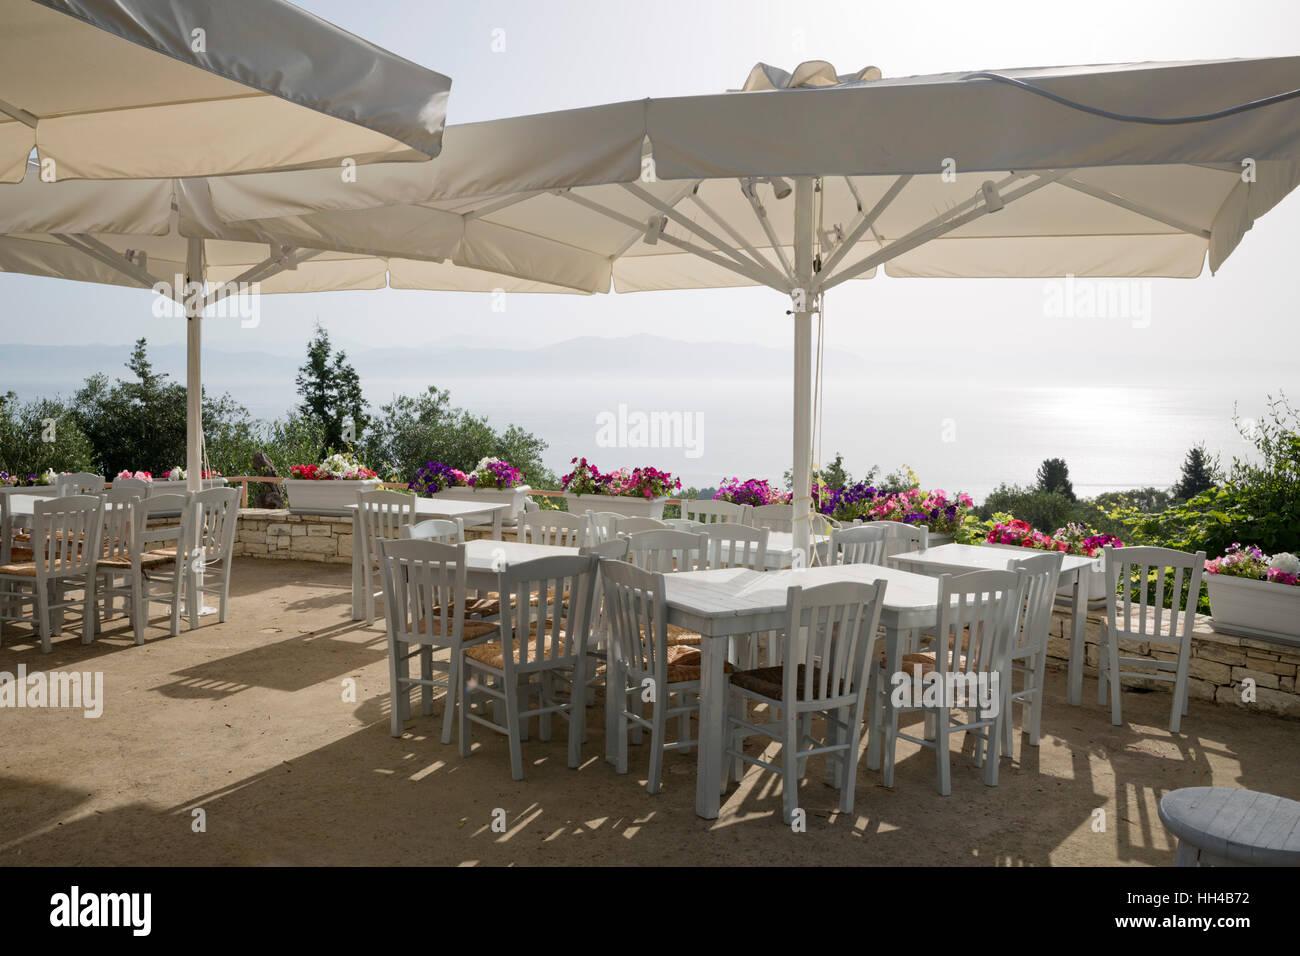 Pratigos Restaurant in der Nähe von Longos, Paxos, Ionische Inseln, griechische Inseln, Griechenland, Europa Stockbild